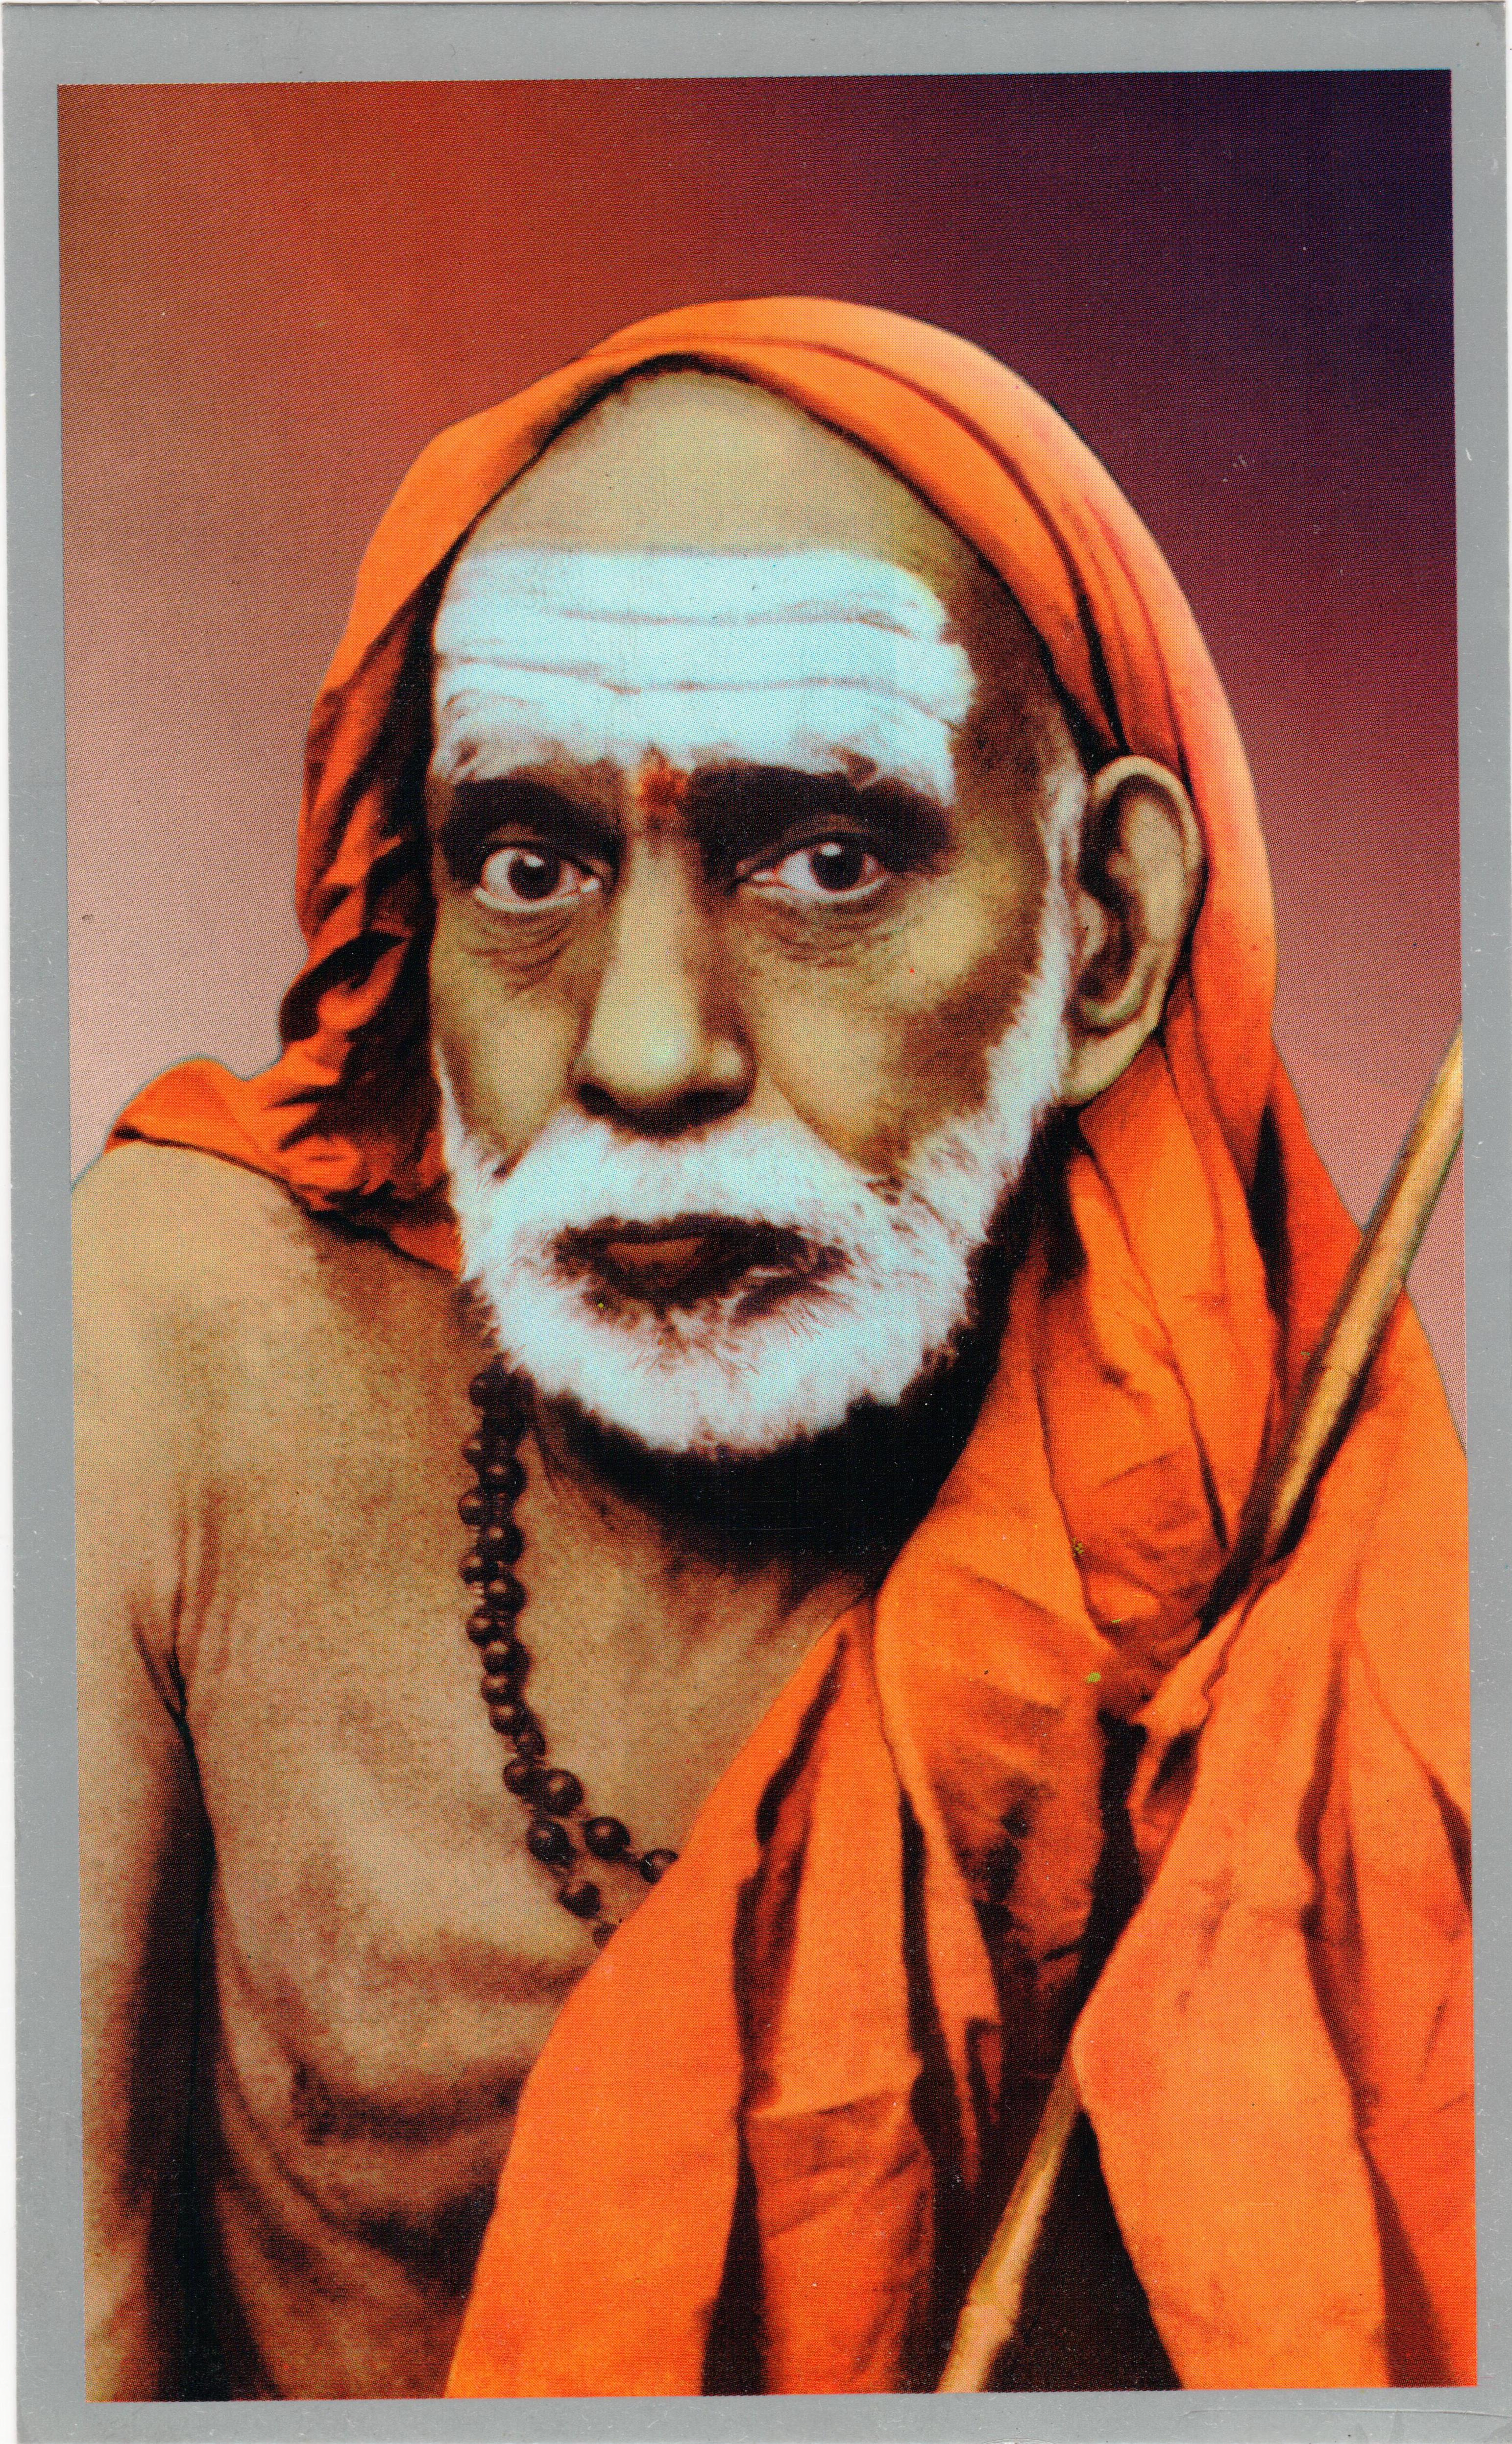 சந்திரசேகரேந்திர சரஸ்வதி அஷ்டோத்ர சத நாமாவளி